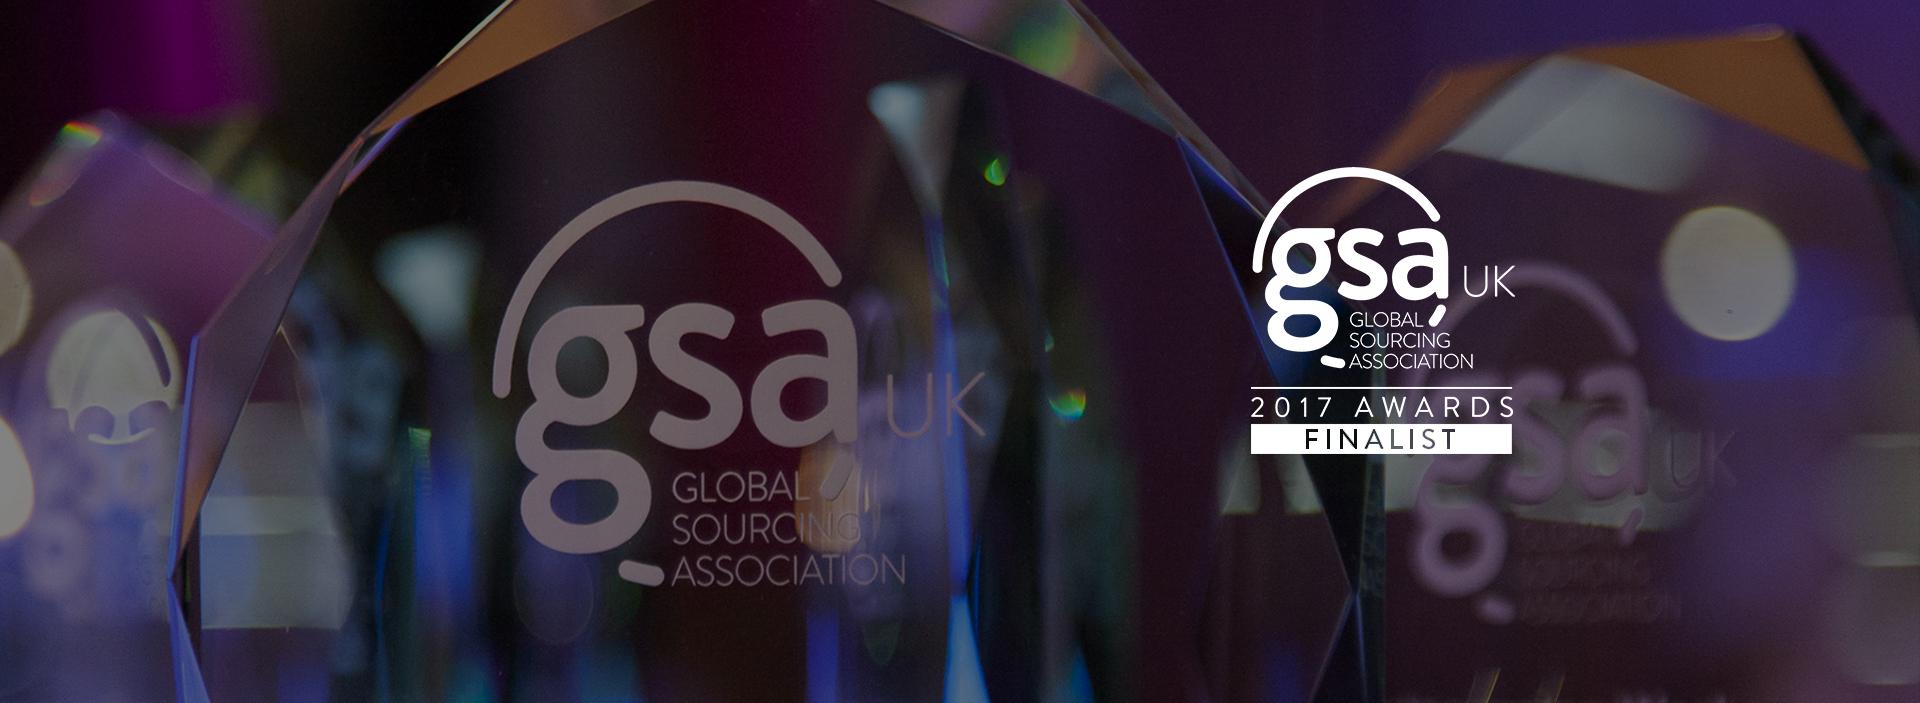 5 Nominations for N-iX at GSA UK Awards 2017